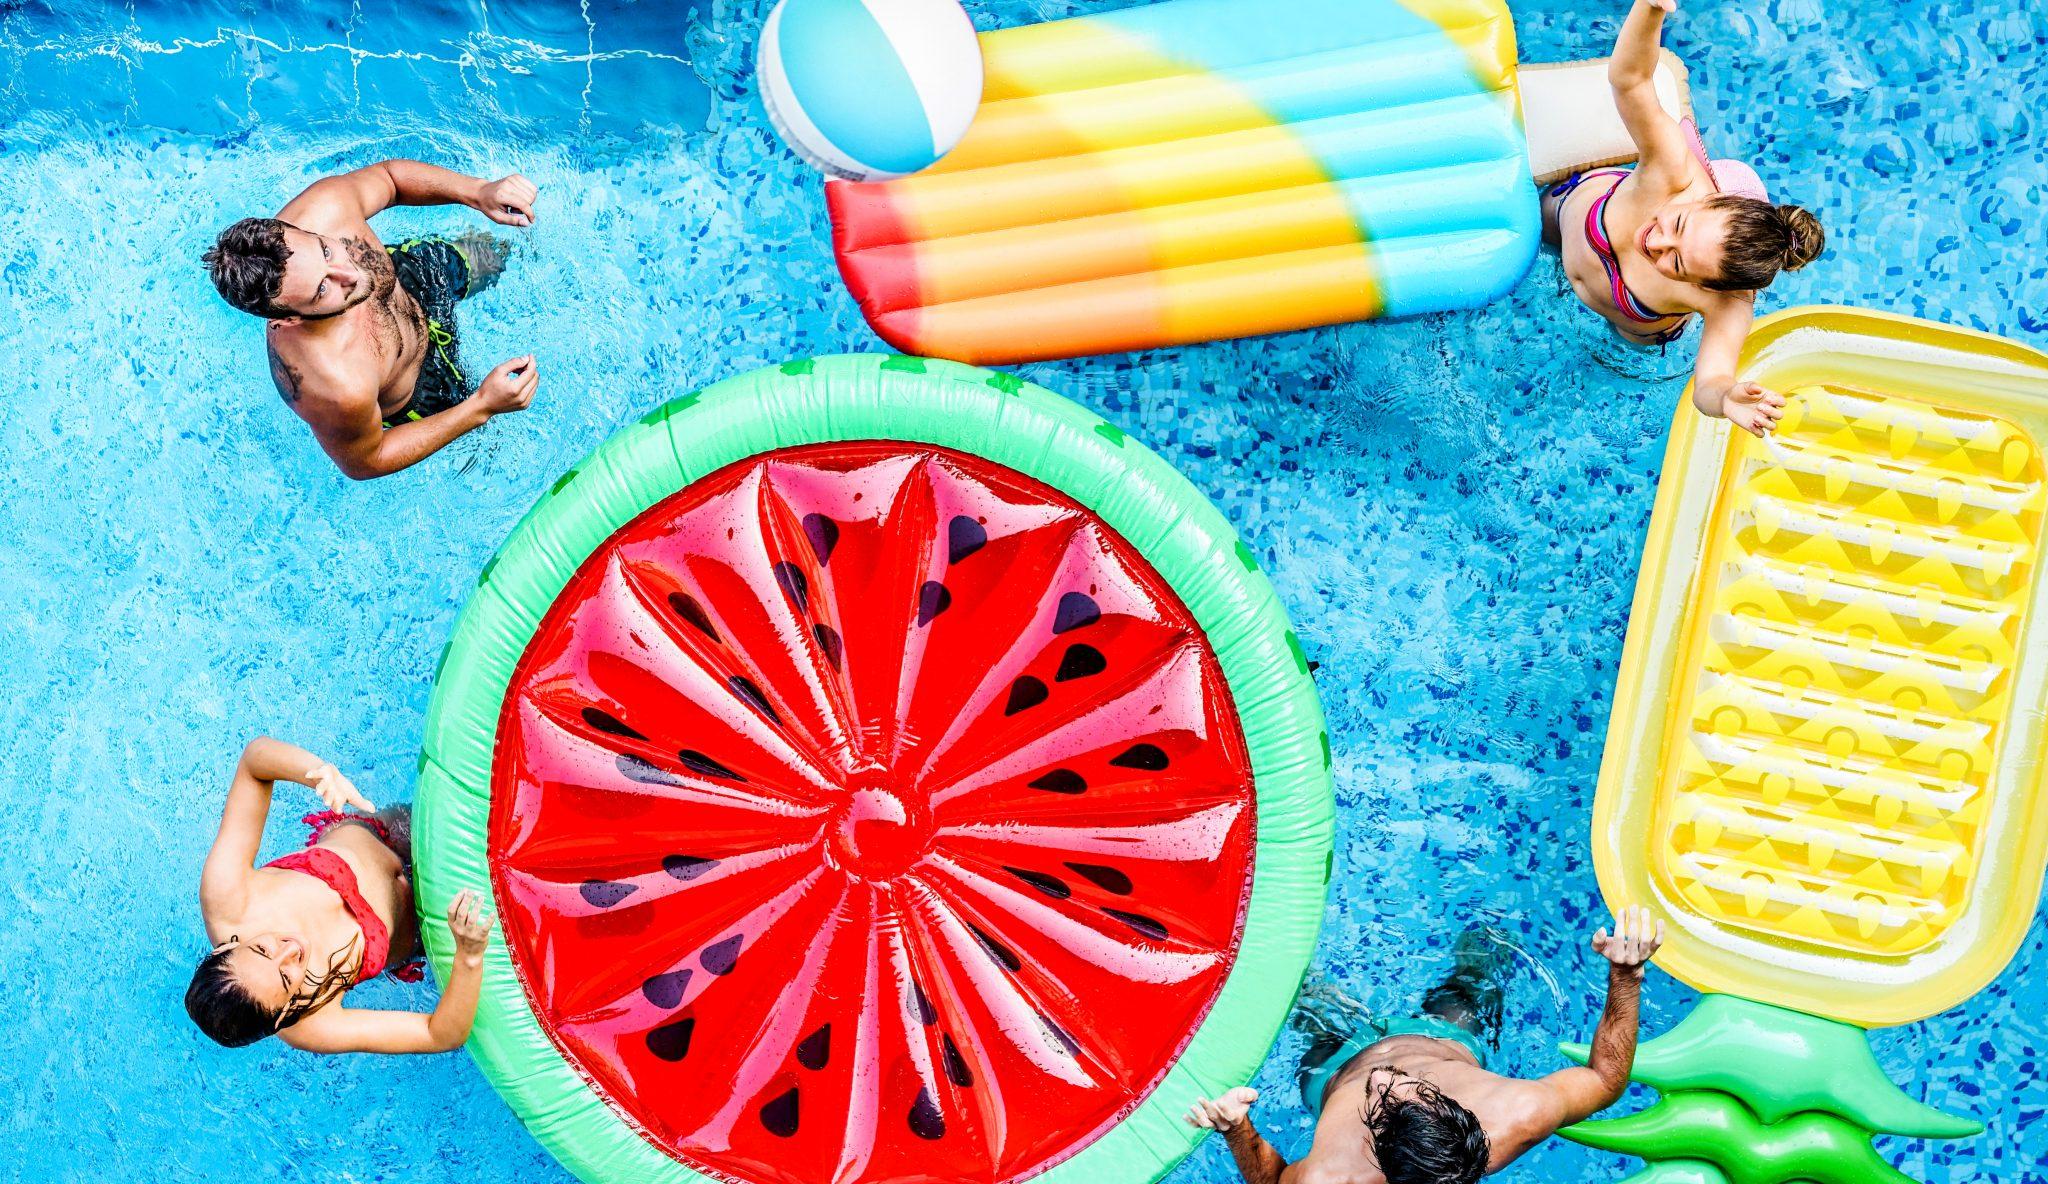 スイカの浮き輪を使ってプールで遊んでいる人たち